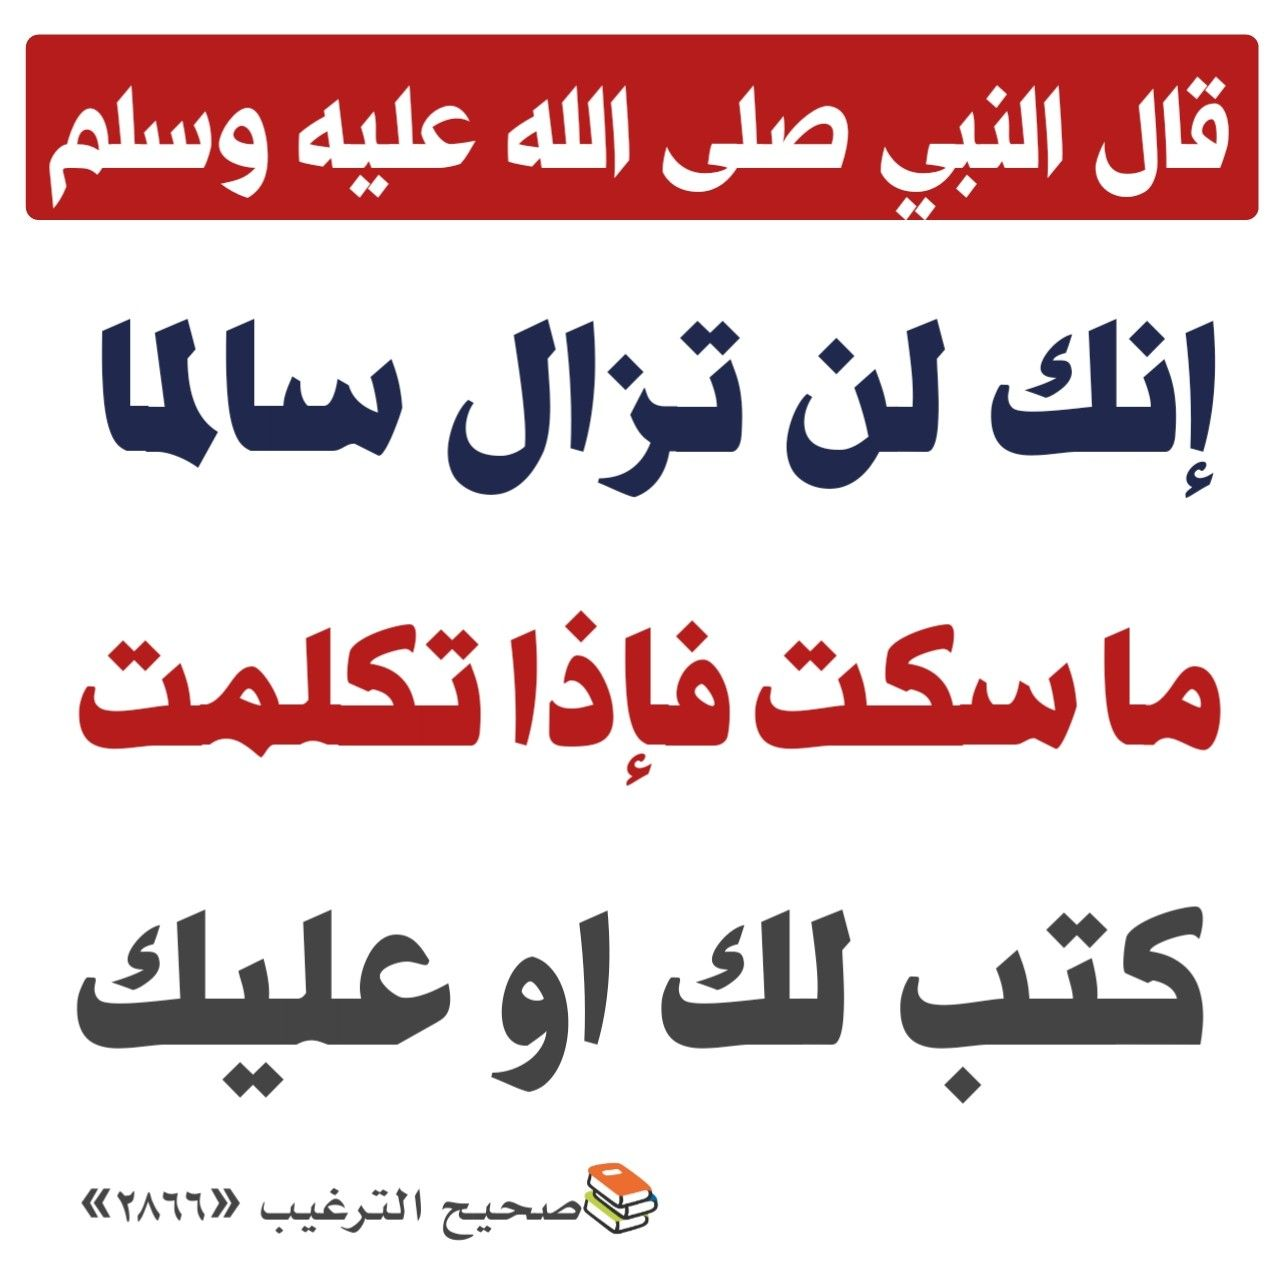 Pin By أدعية وأذكار Adiyaa W Azkar On حديث صحيح Islam Facts Islamic Quotes Quran Quotes